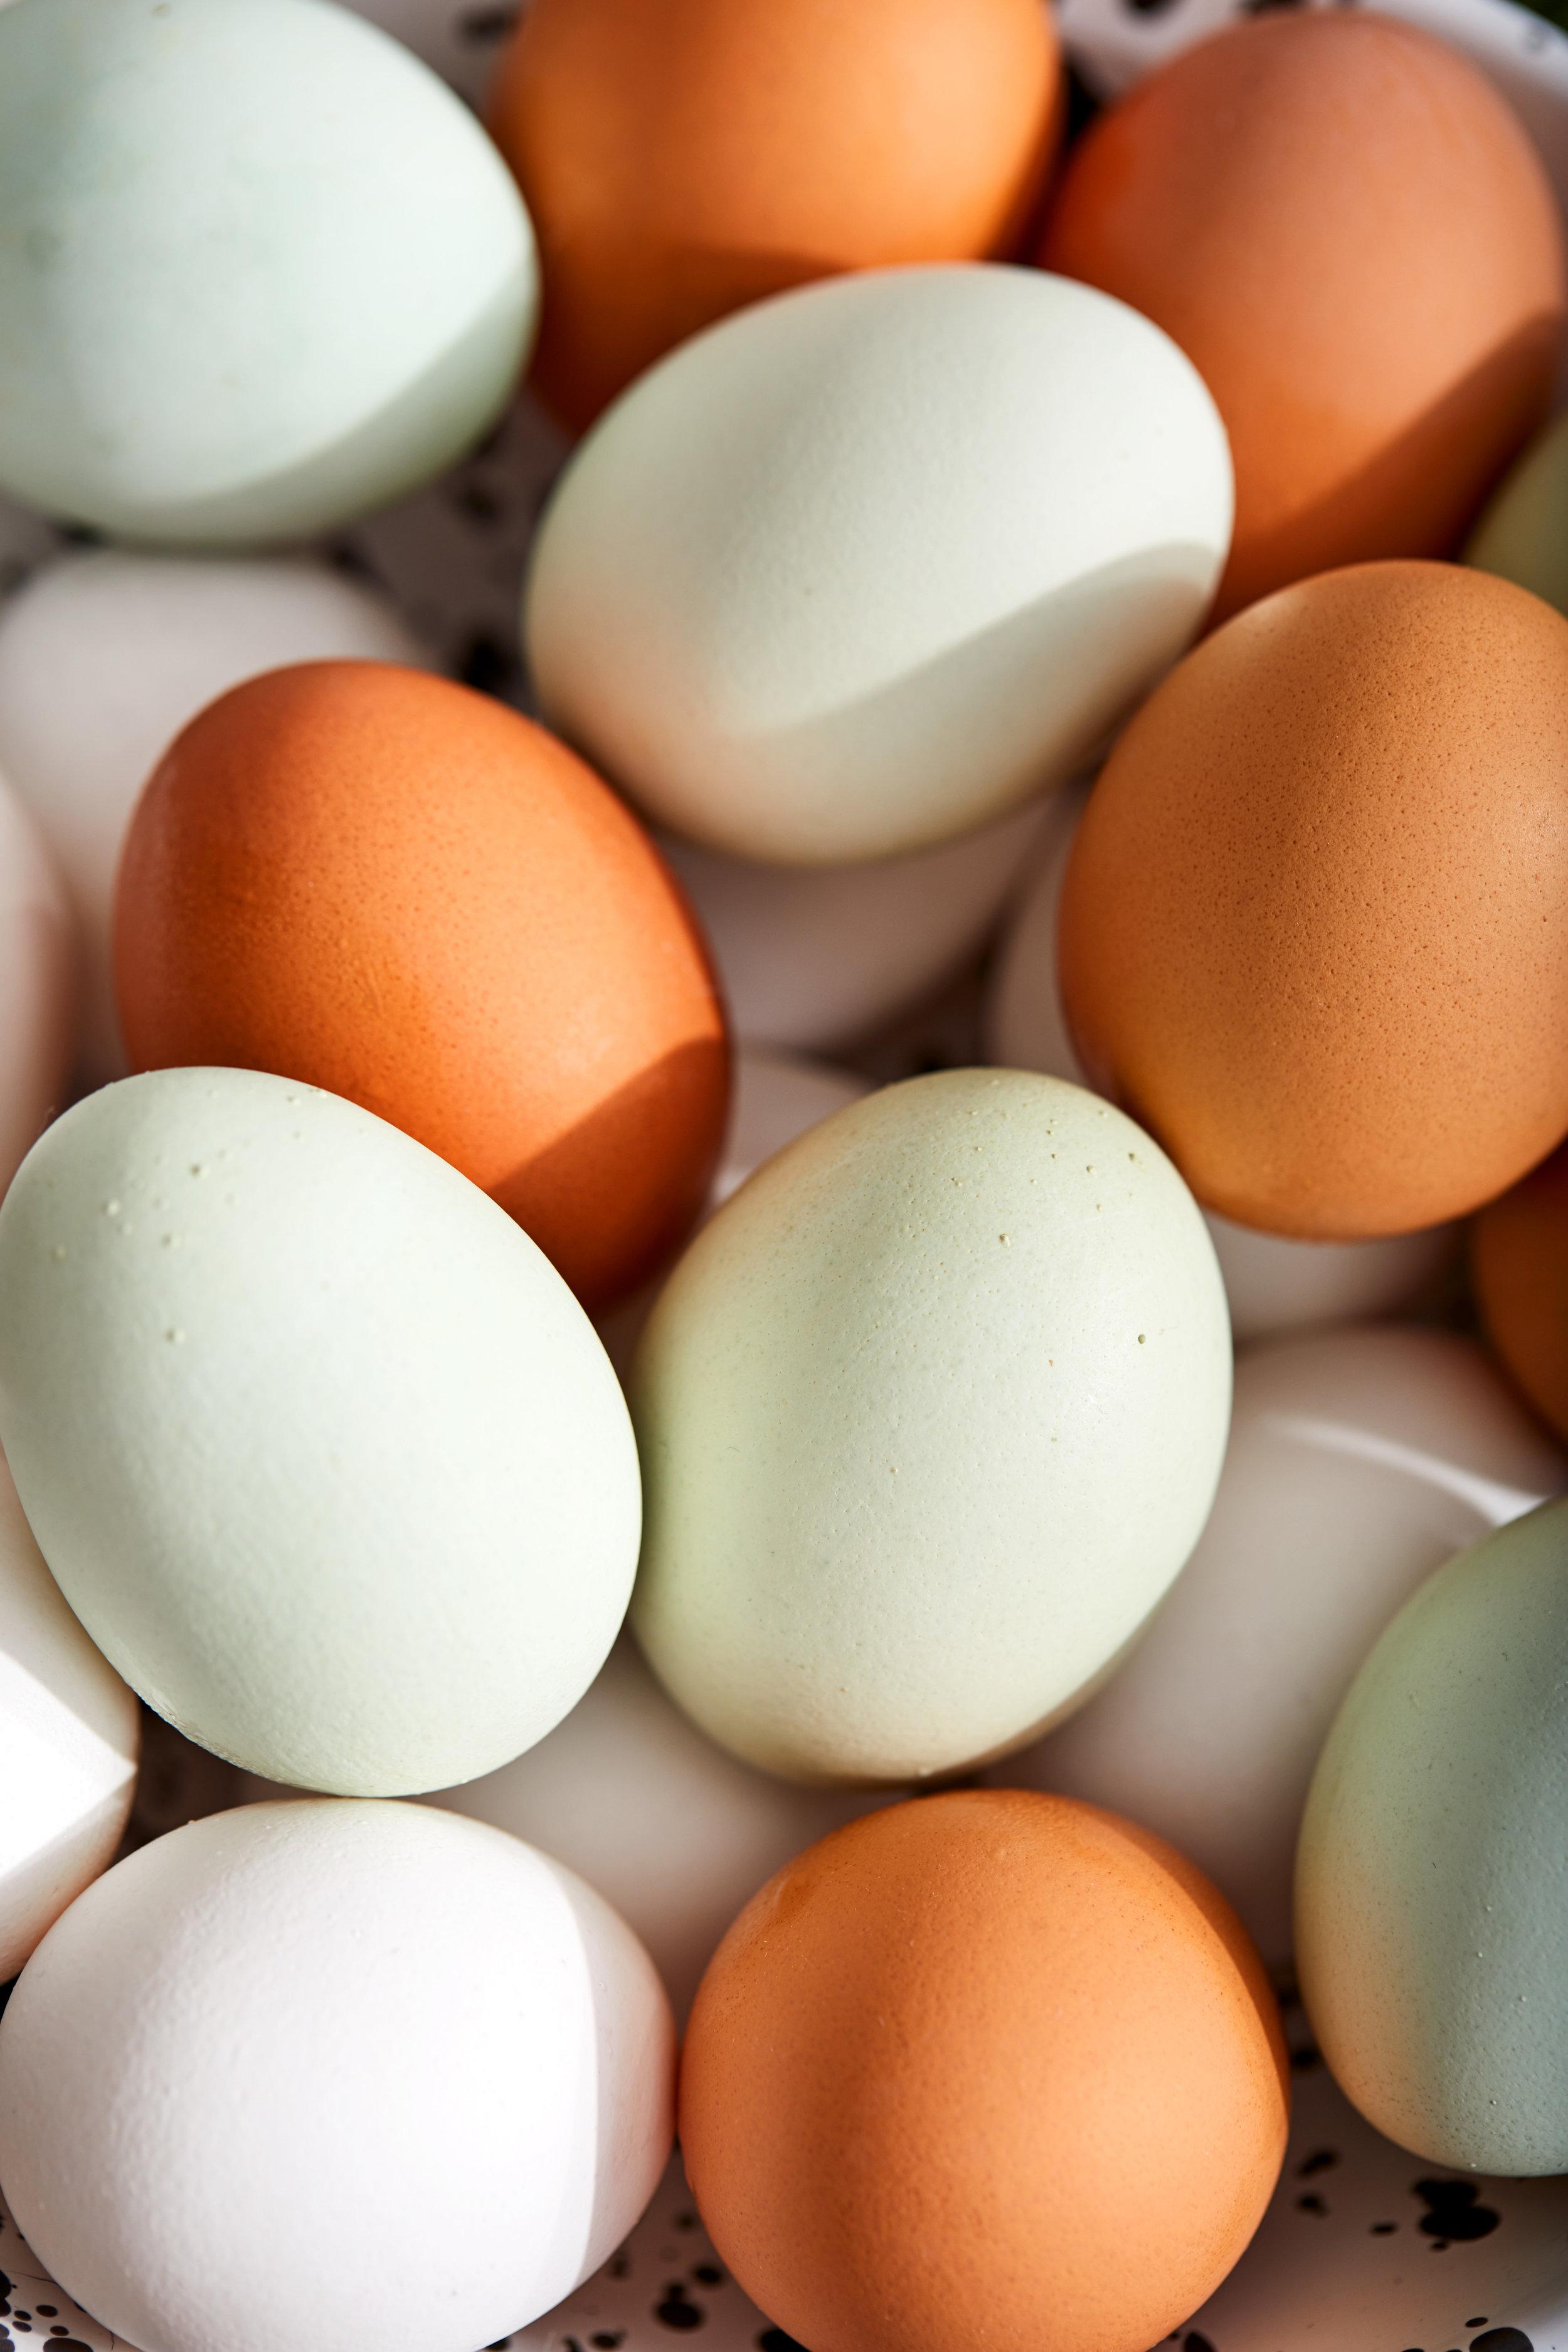 Eggs_Macro_Holiday-Gift-Guide_10218_1394_RGB_crop.jpg